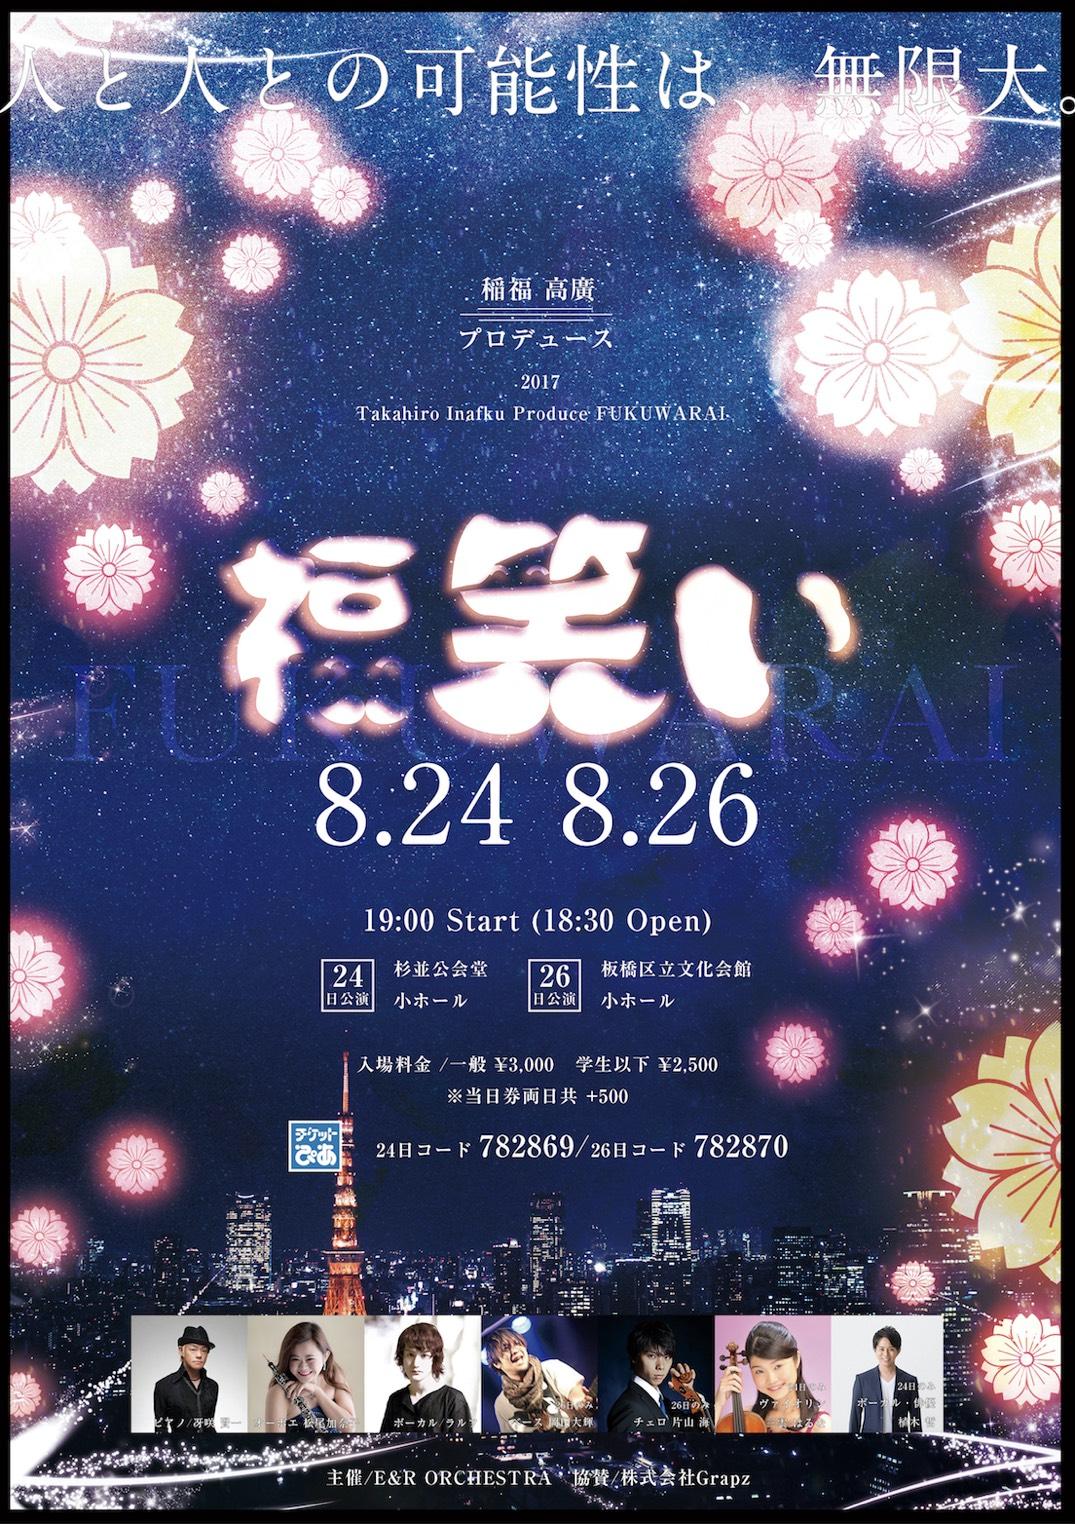 2017年8月24日(木) 福笑い@杉並公会堂 ゲスト出演